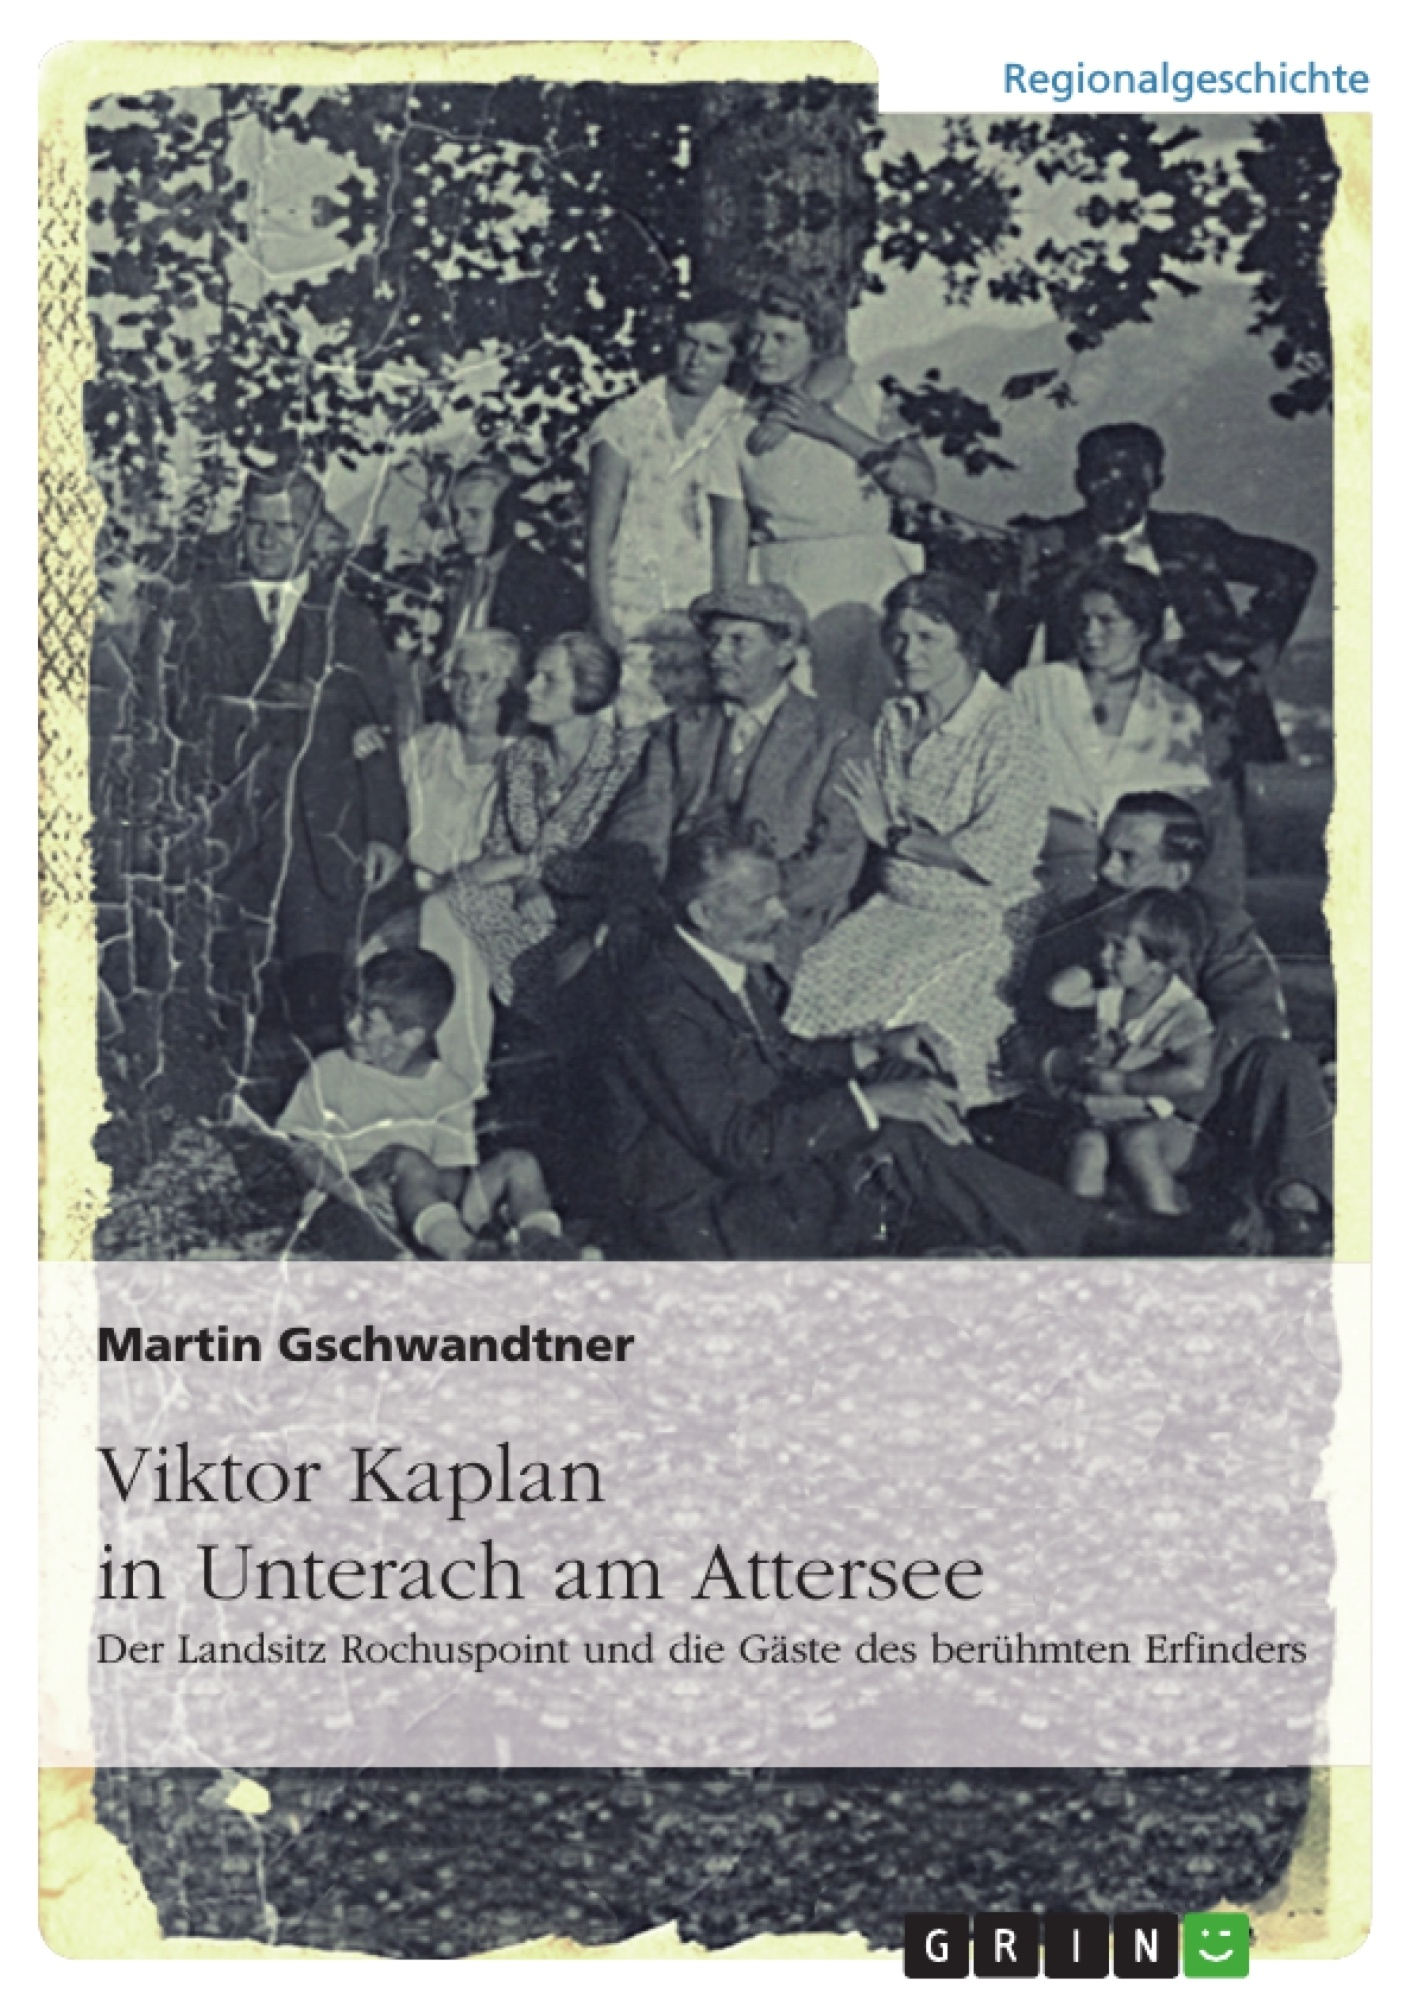 Titel: Viktor Kaplan in Unterach. Der Landsitz Rochuspoint und die Gäste des berühmten Erfinders